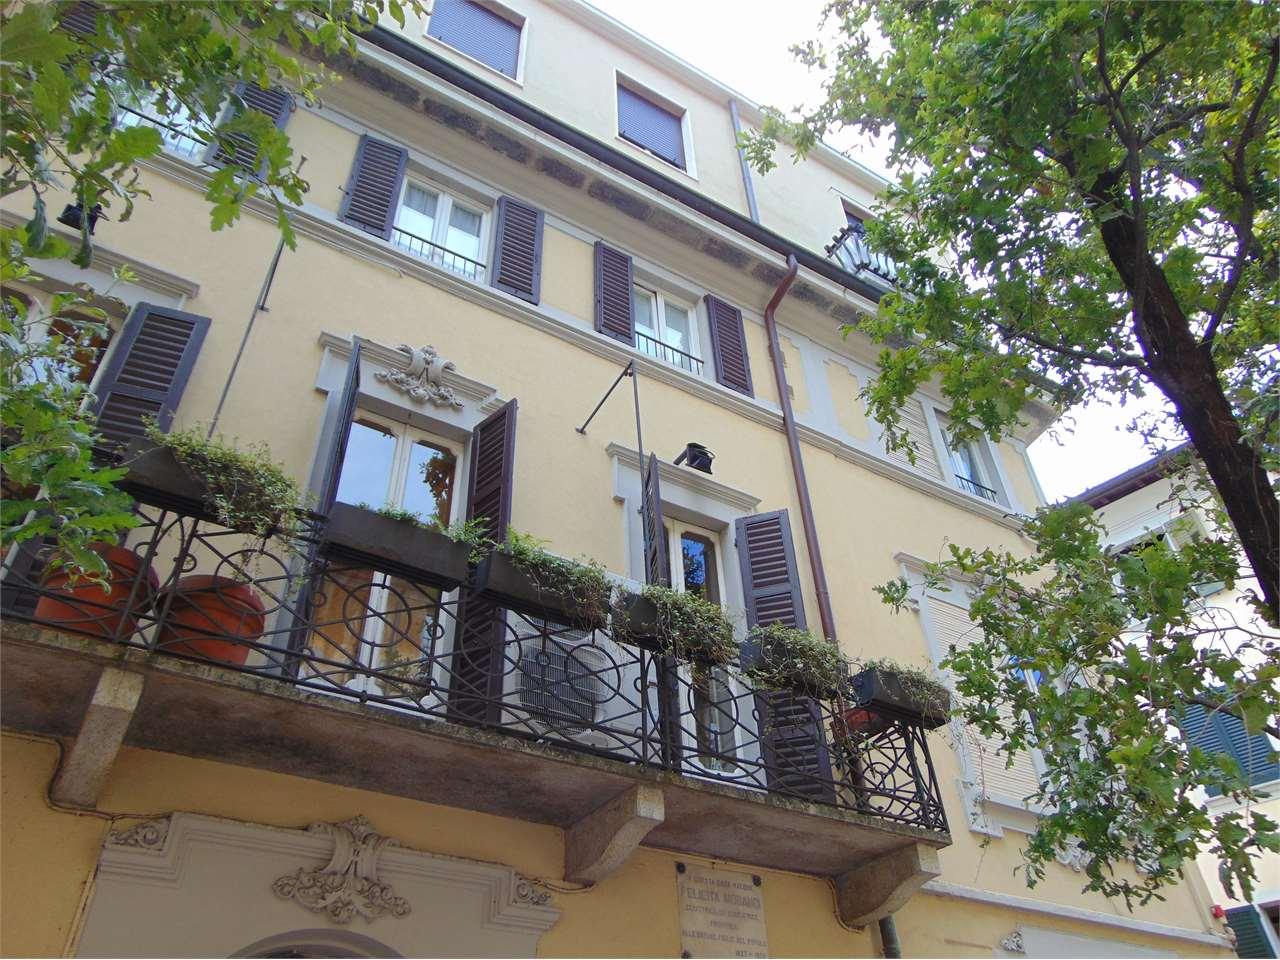 Appartamento in vendita a Varese, 4 locali, zona Zona: Centro, prezzo € 289.000 | CambioCasa.it